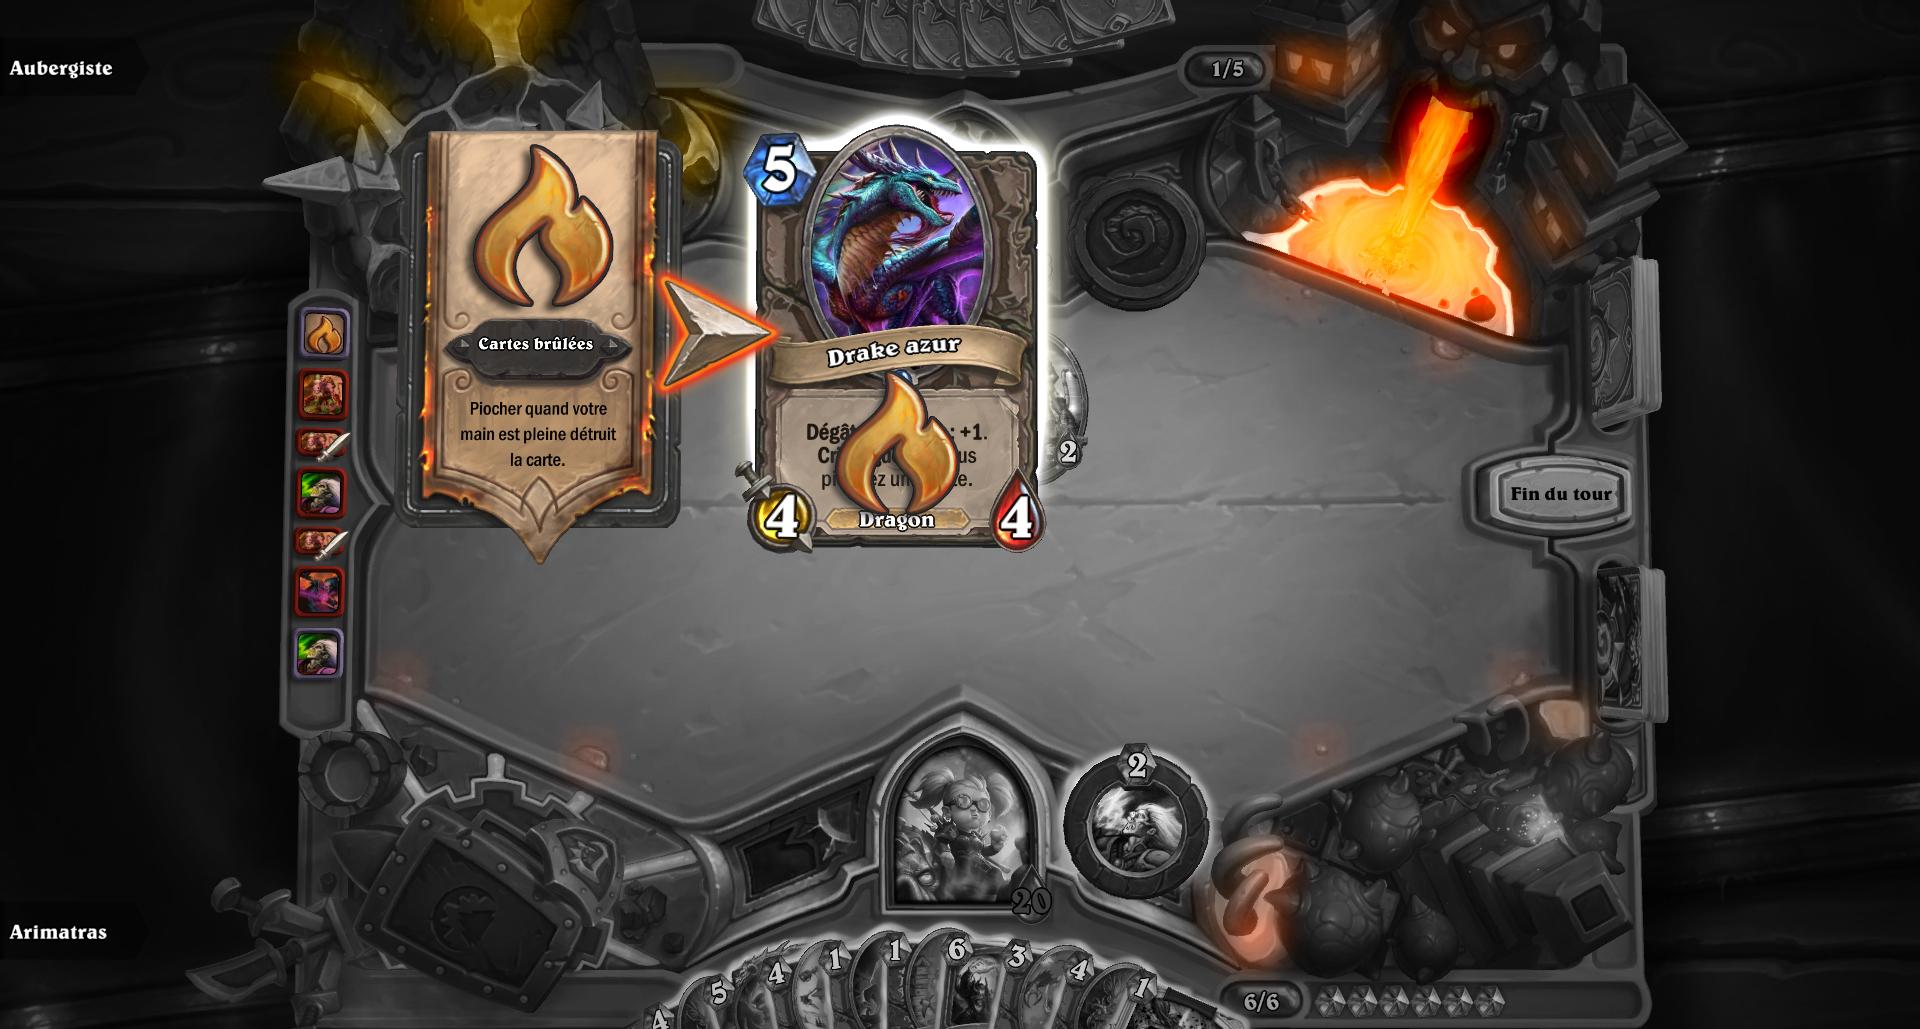 Les cartes brûlées apparaissent désormais dans l'historique